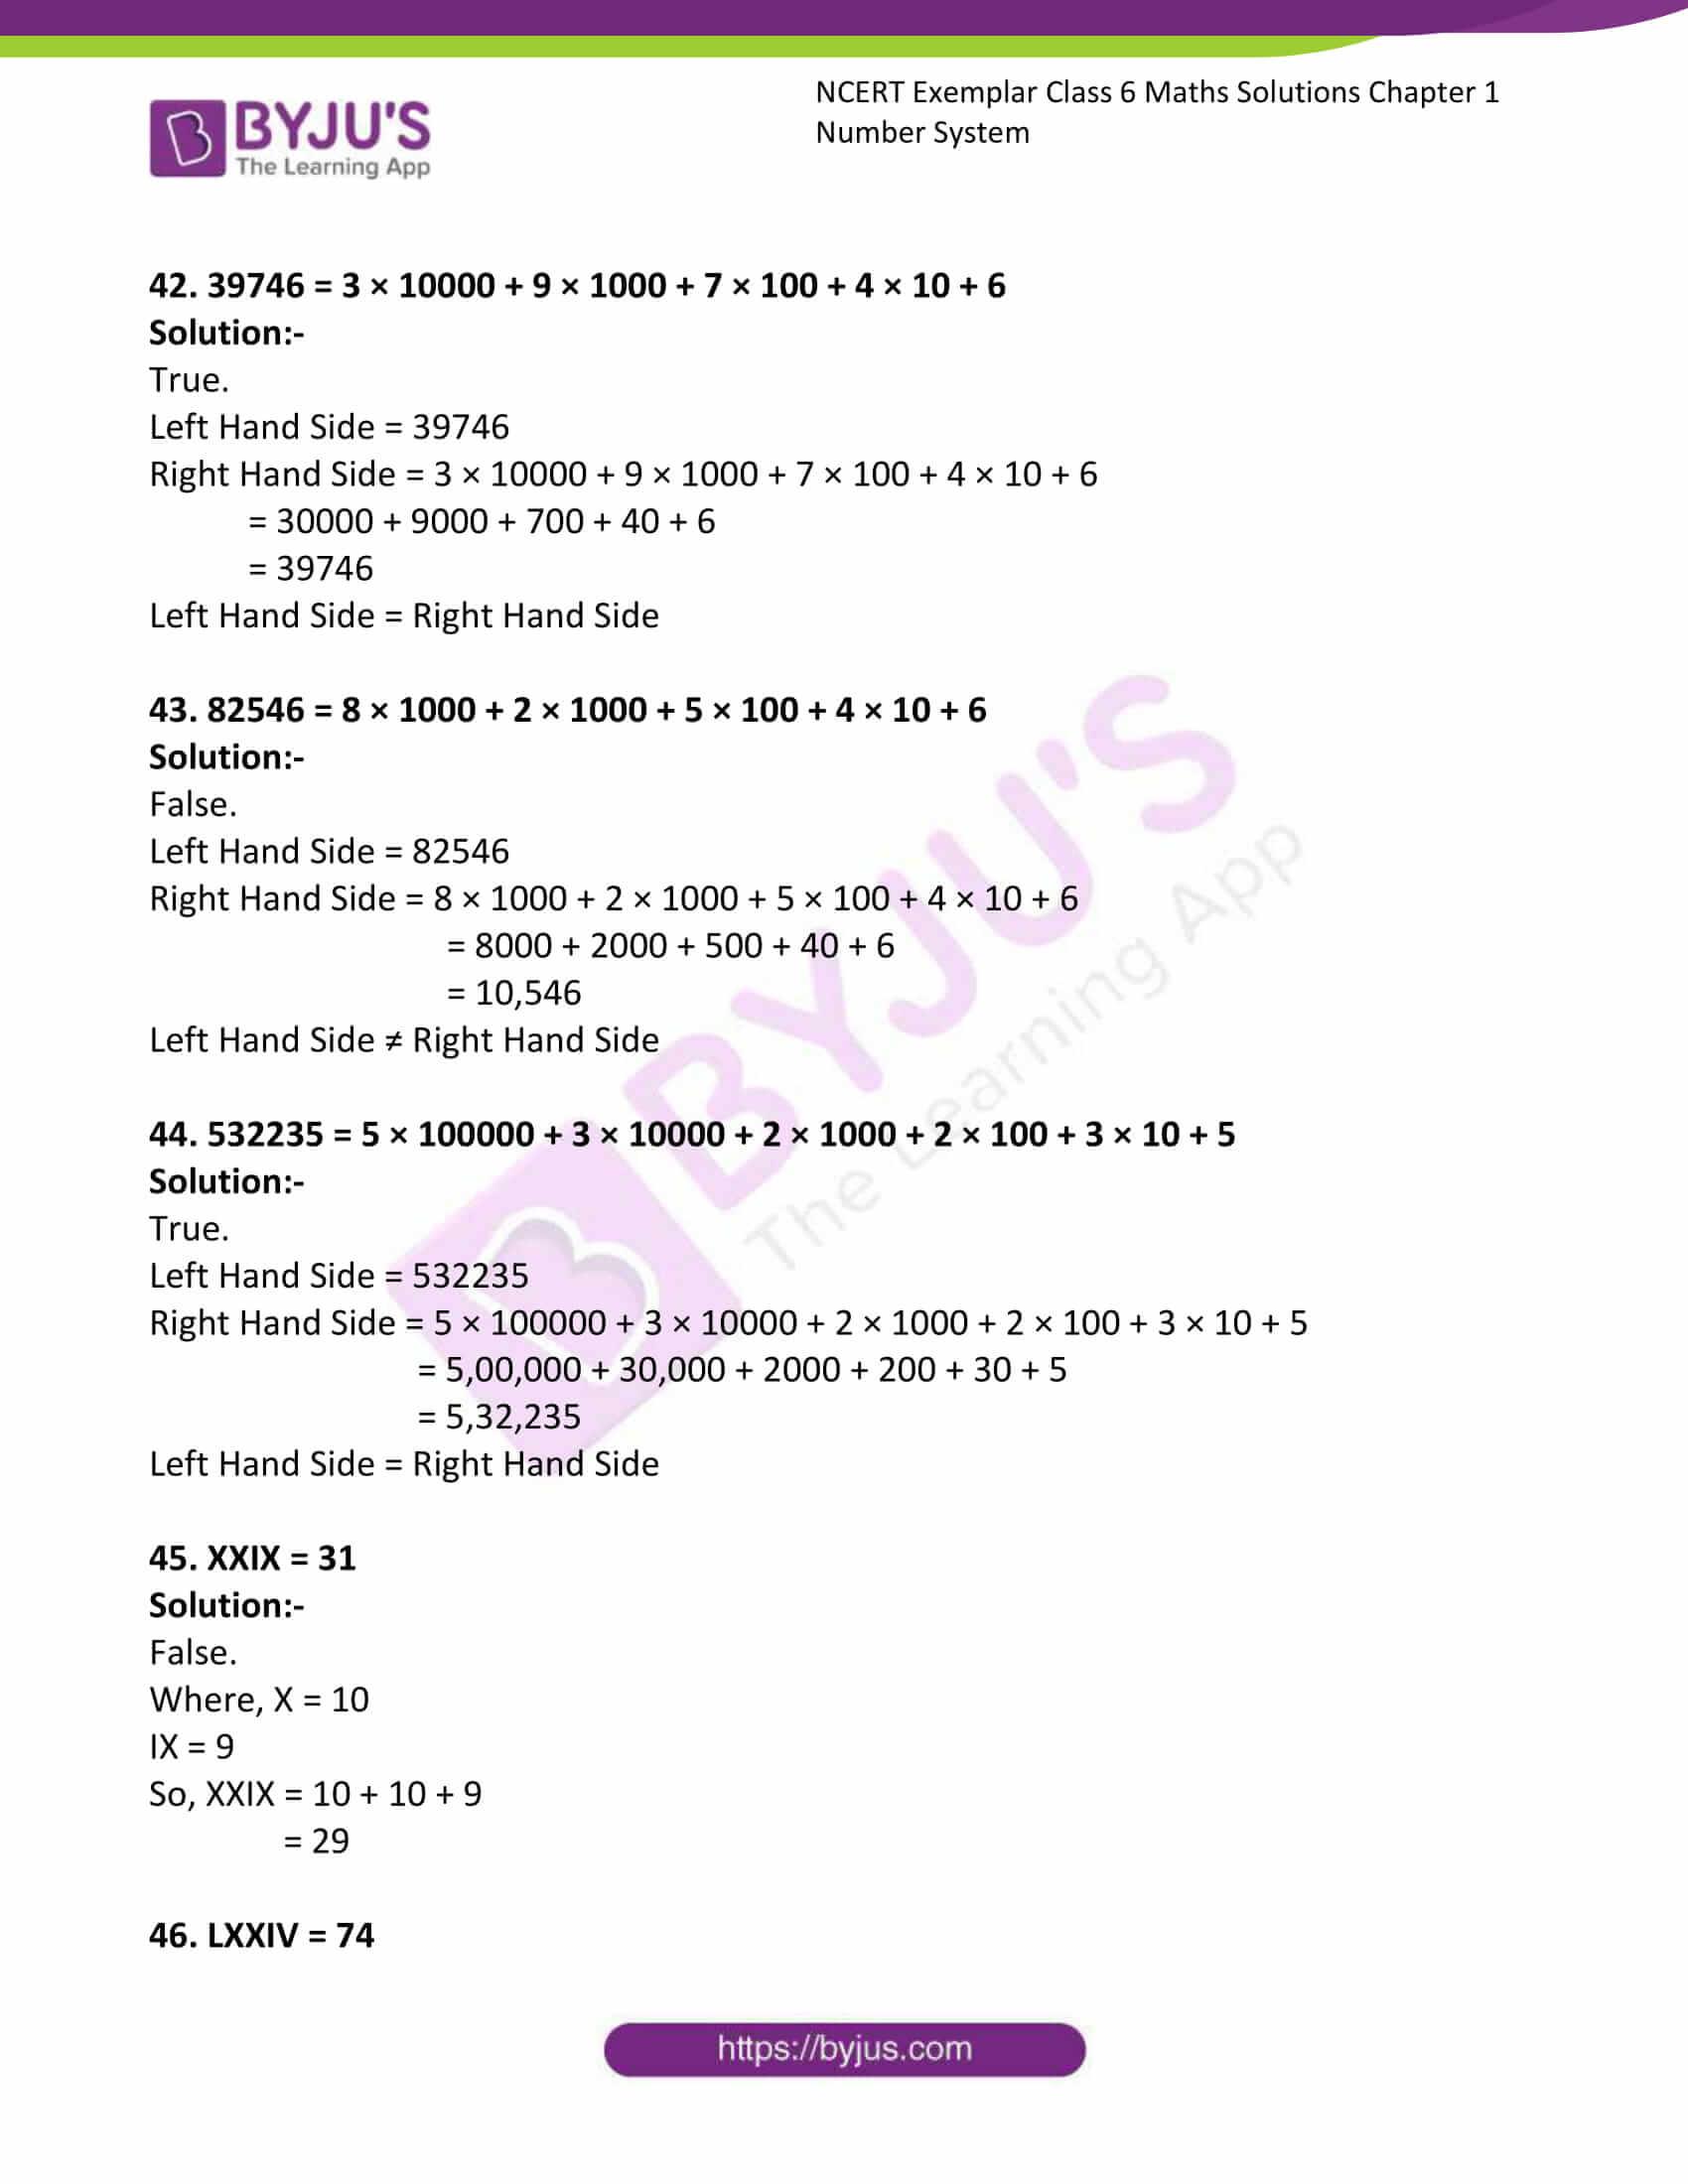 ncert exemplar class 6 maths sol ch 1 12